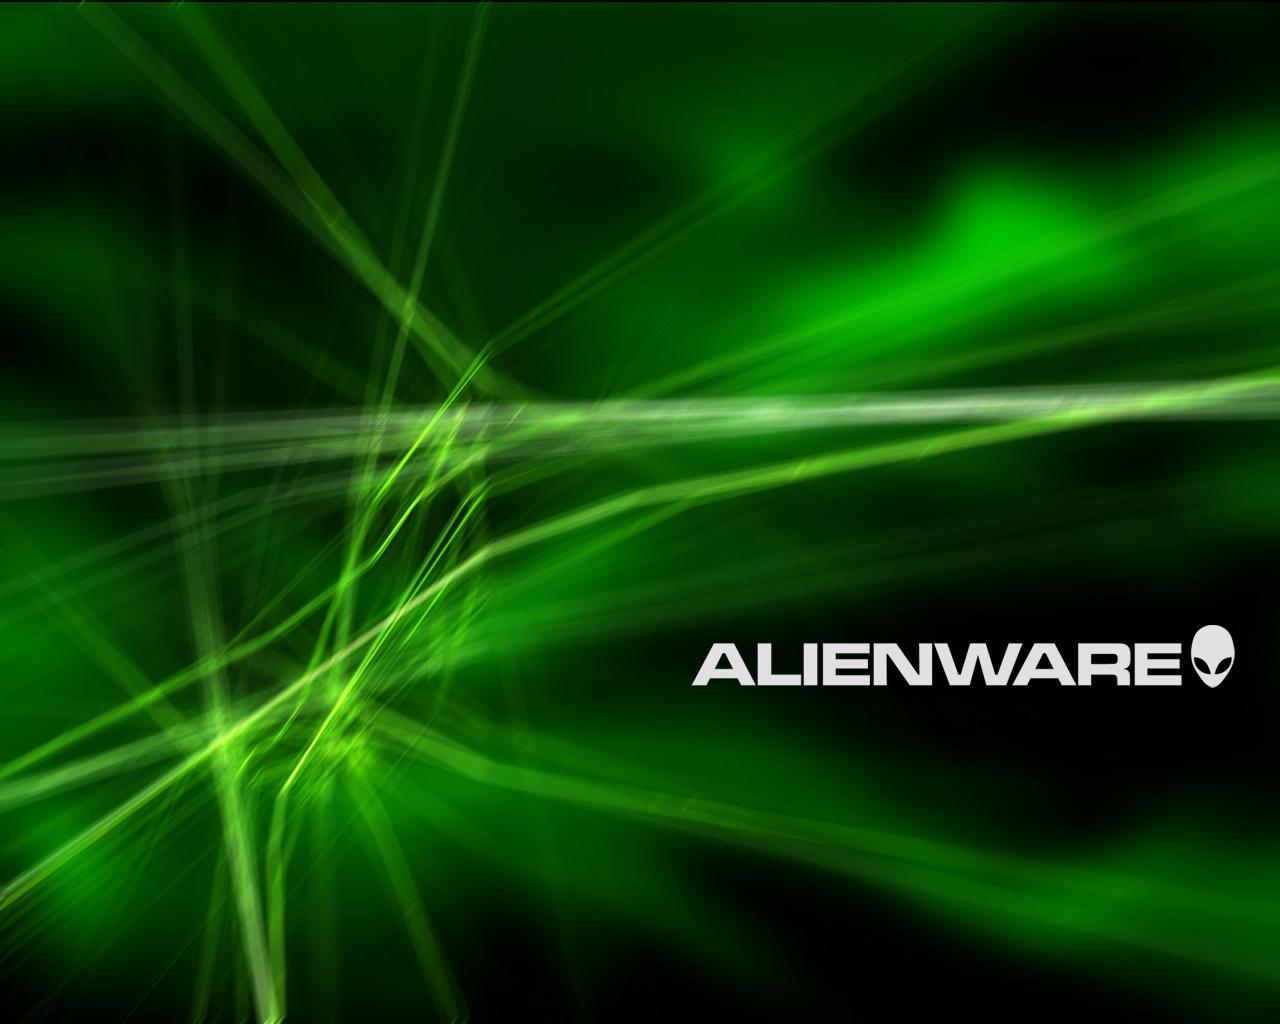 Alienware Logo Hd Wallpaper Alienware Desktop Backgrounds Alienware Fx Themes